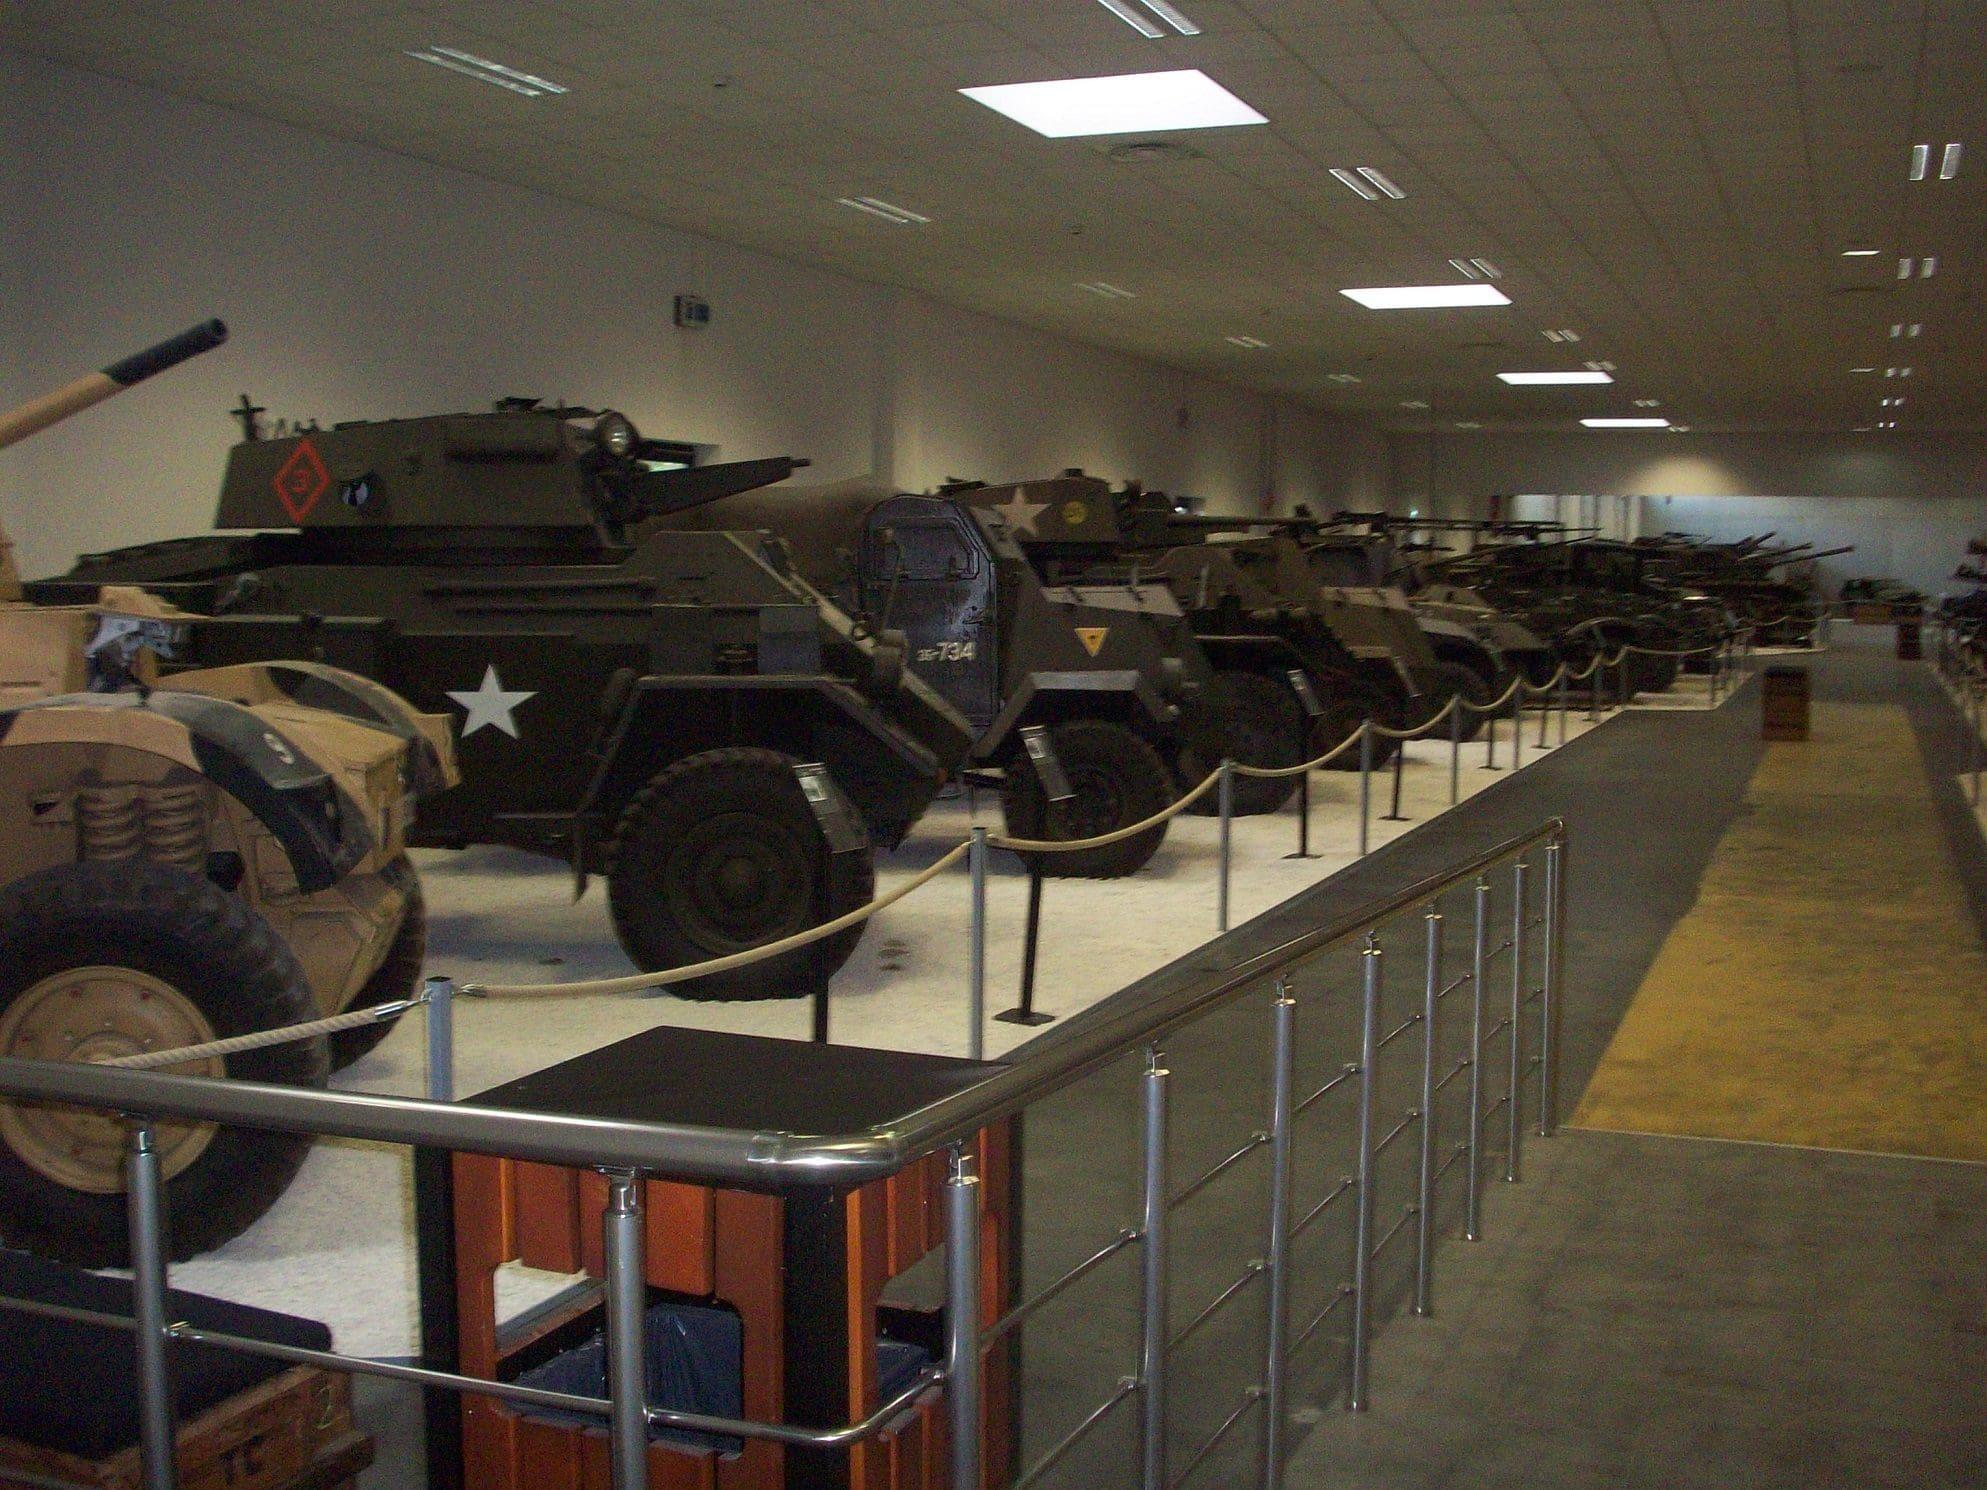 Il Guerre En Mondiale Des De Fait Chars Collectionne Seconde La Et XTkOiPZu